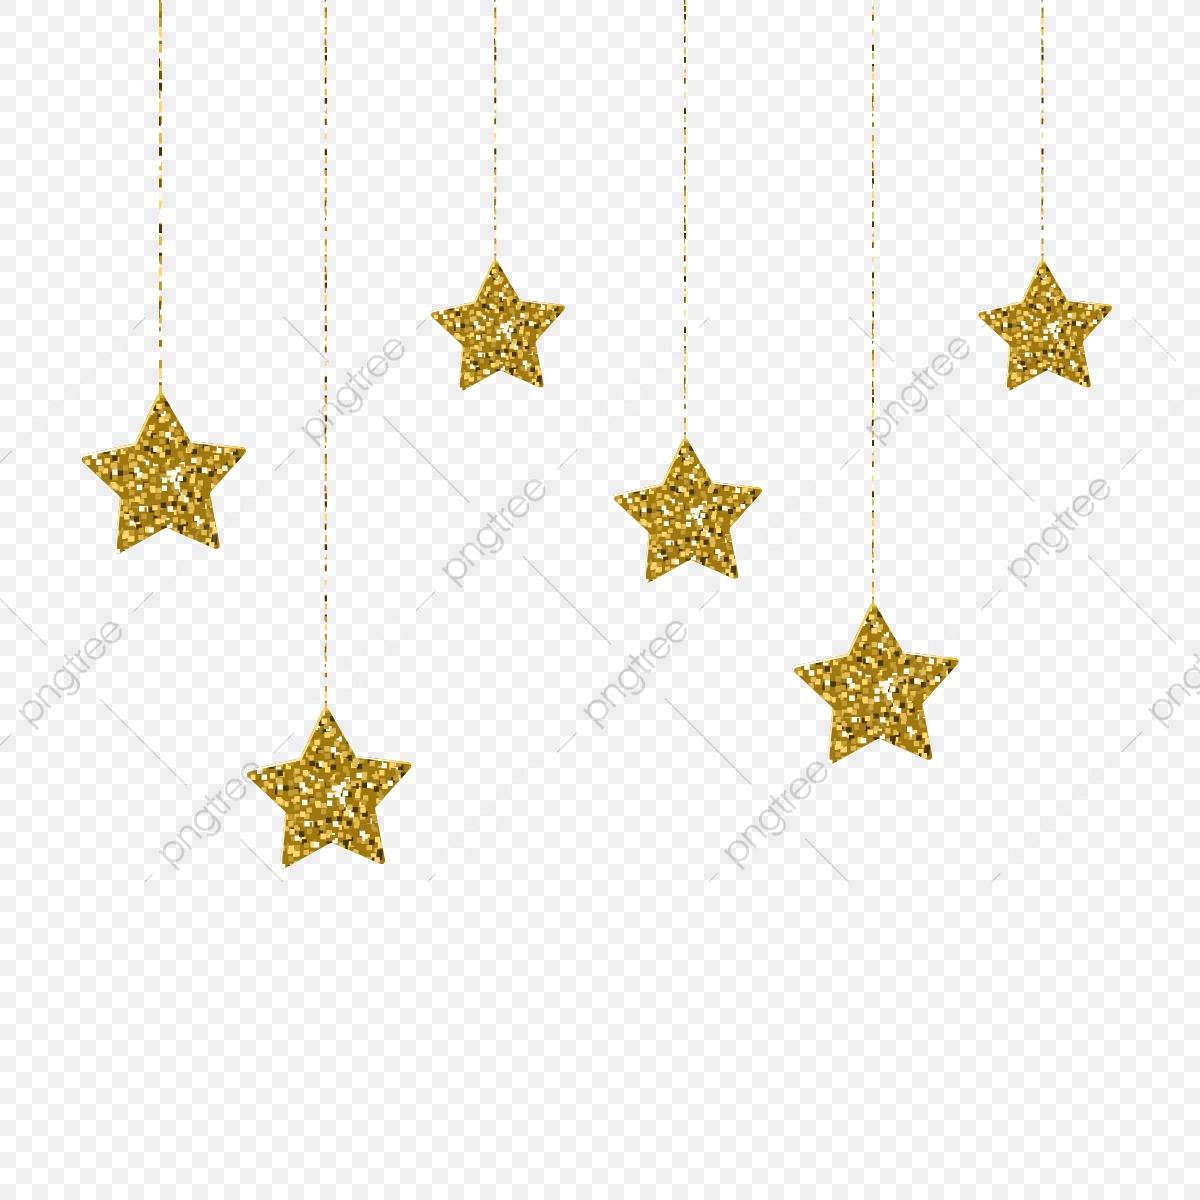 Elegante Estrellas Doradas Colgando De Ilustración Vectorial.